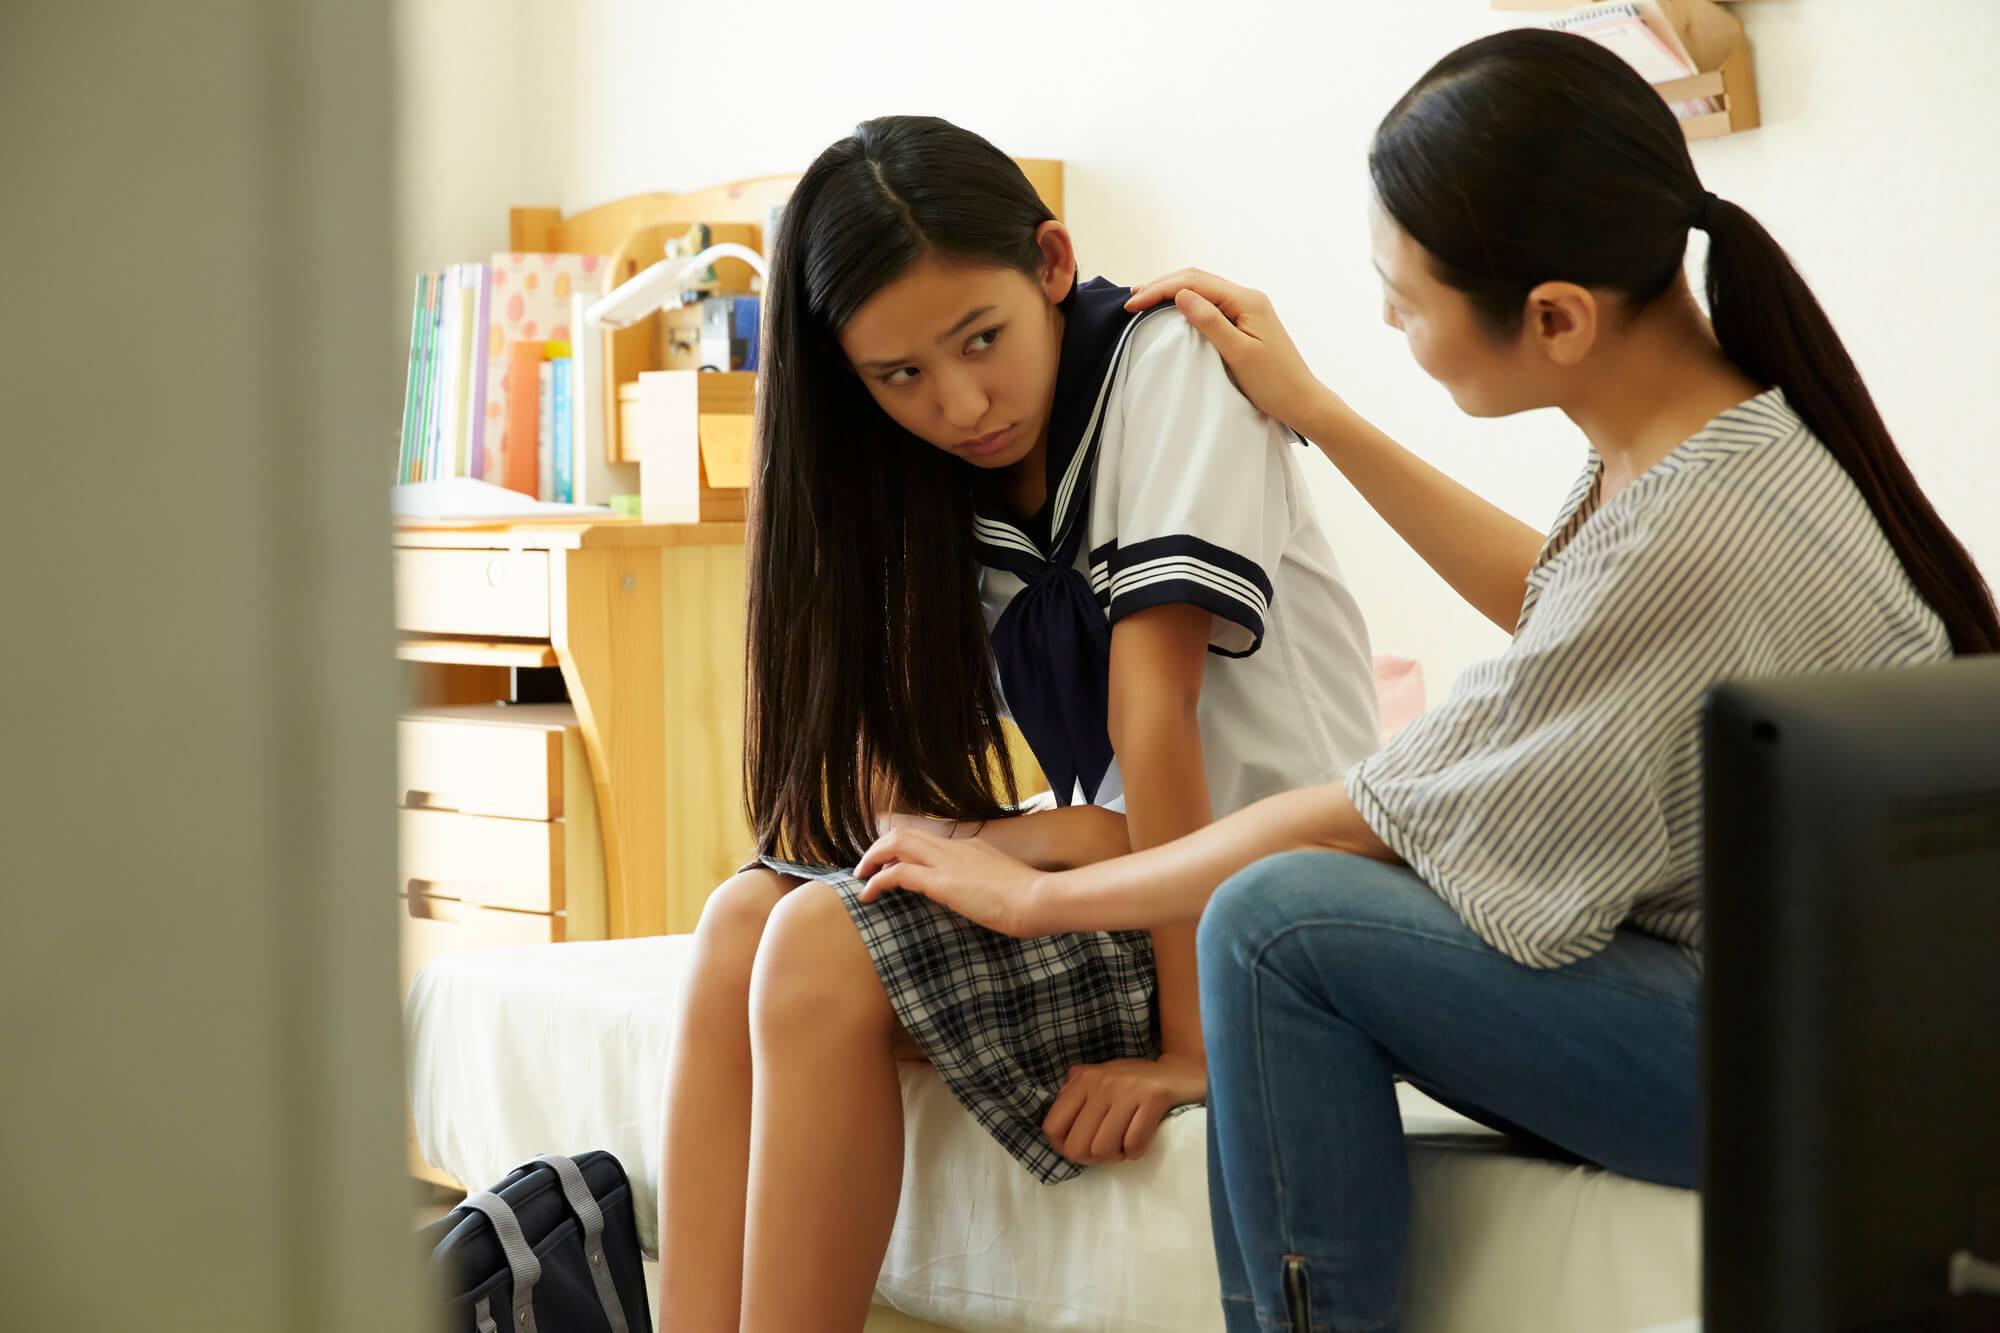 不安障害とうつ病、アスペルガーと診断され悩んでいる女子高校生